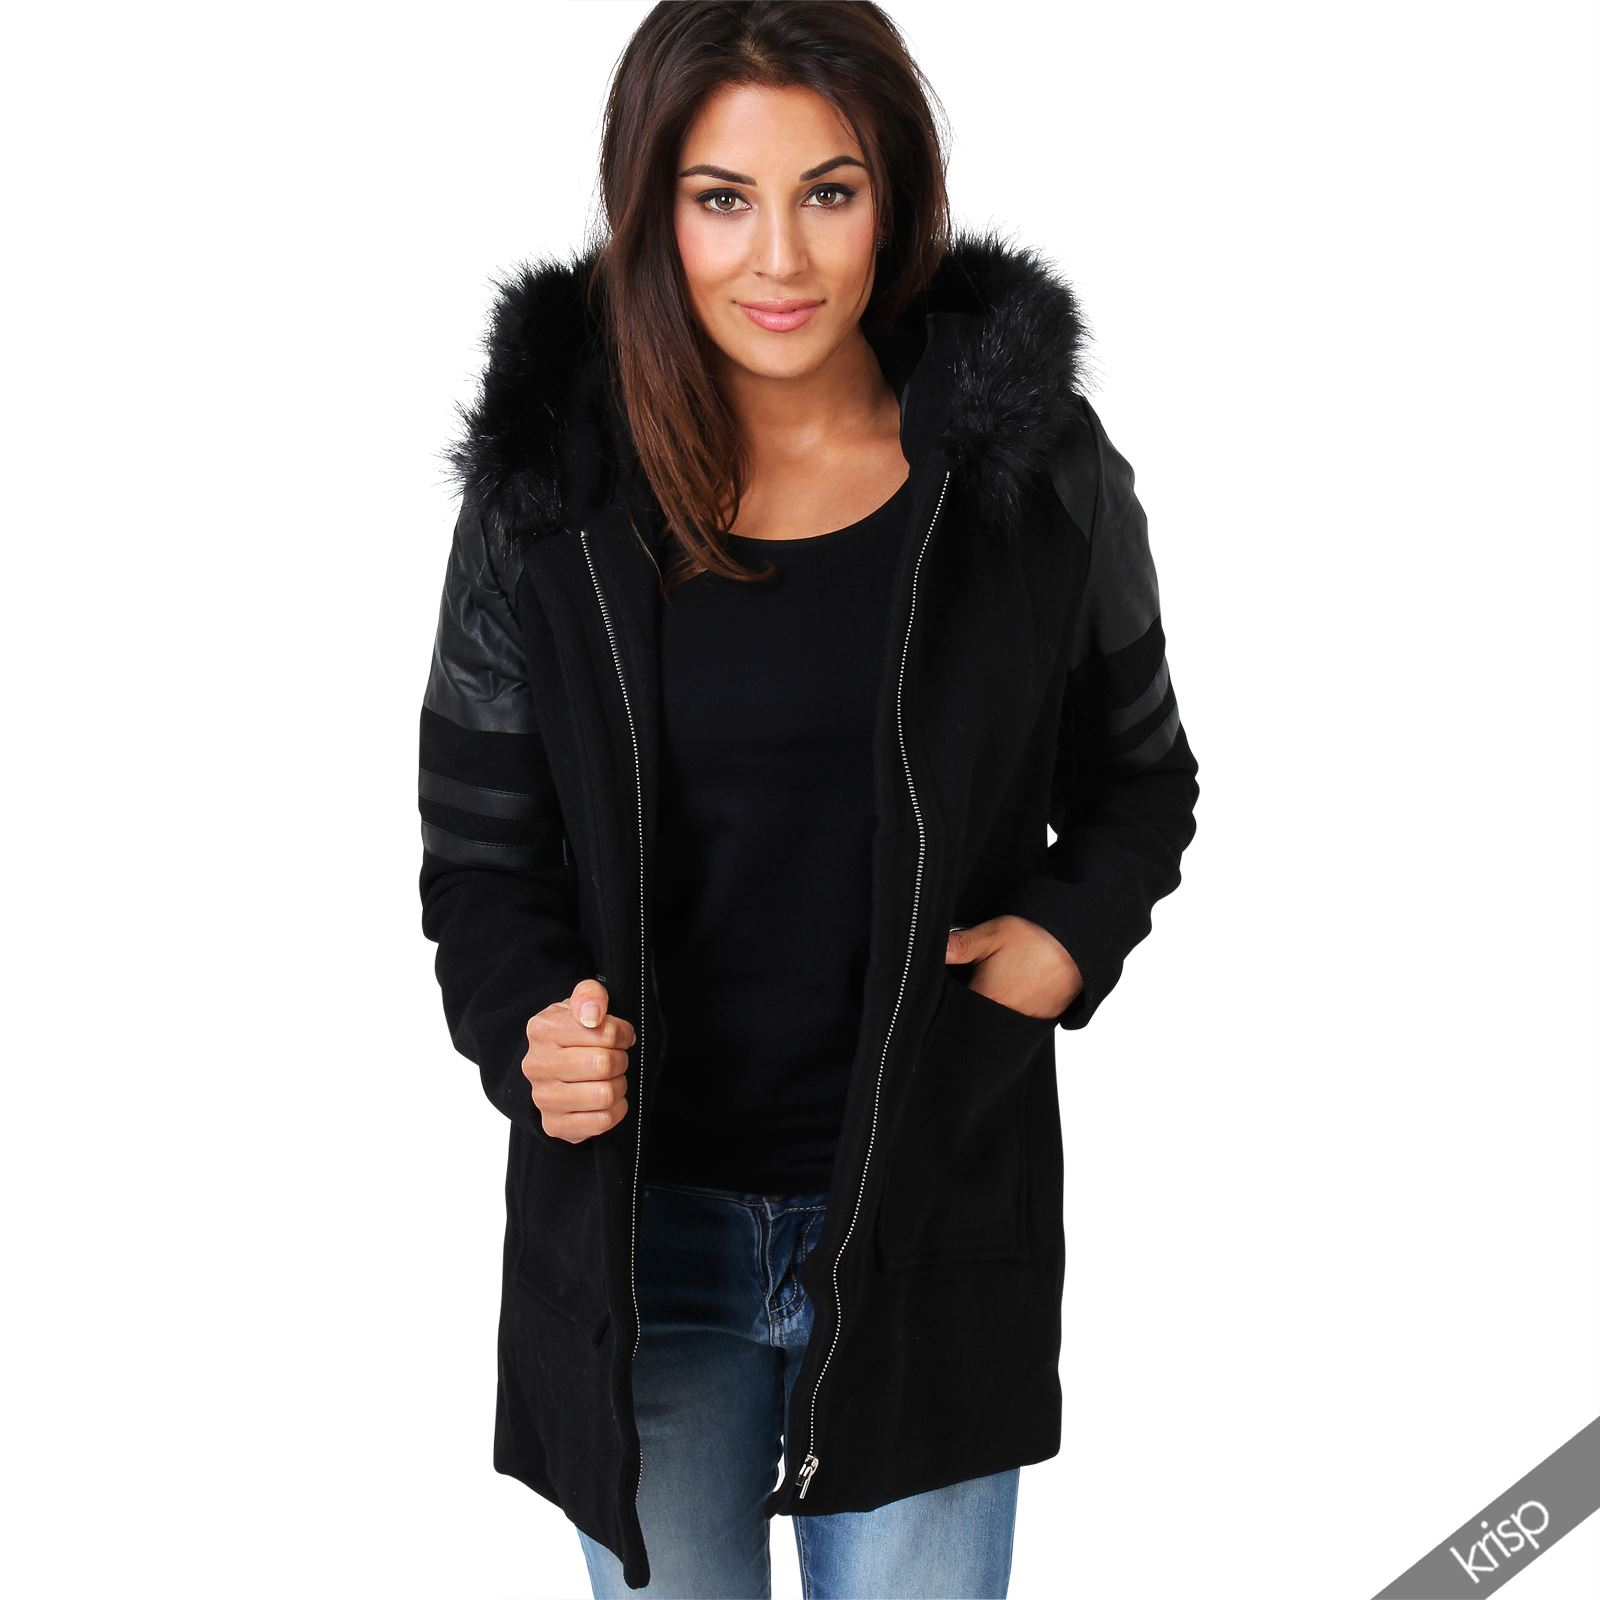 nouveau concept 24990 a792a manteau laine femme avec capuche fourrure,Manteau trap猫ze ...